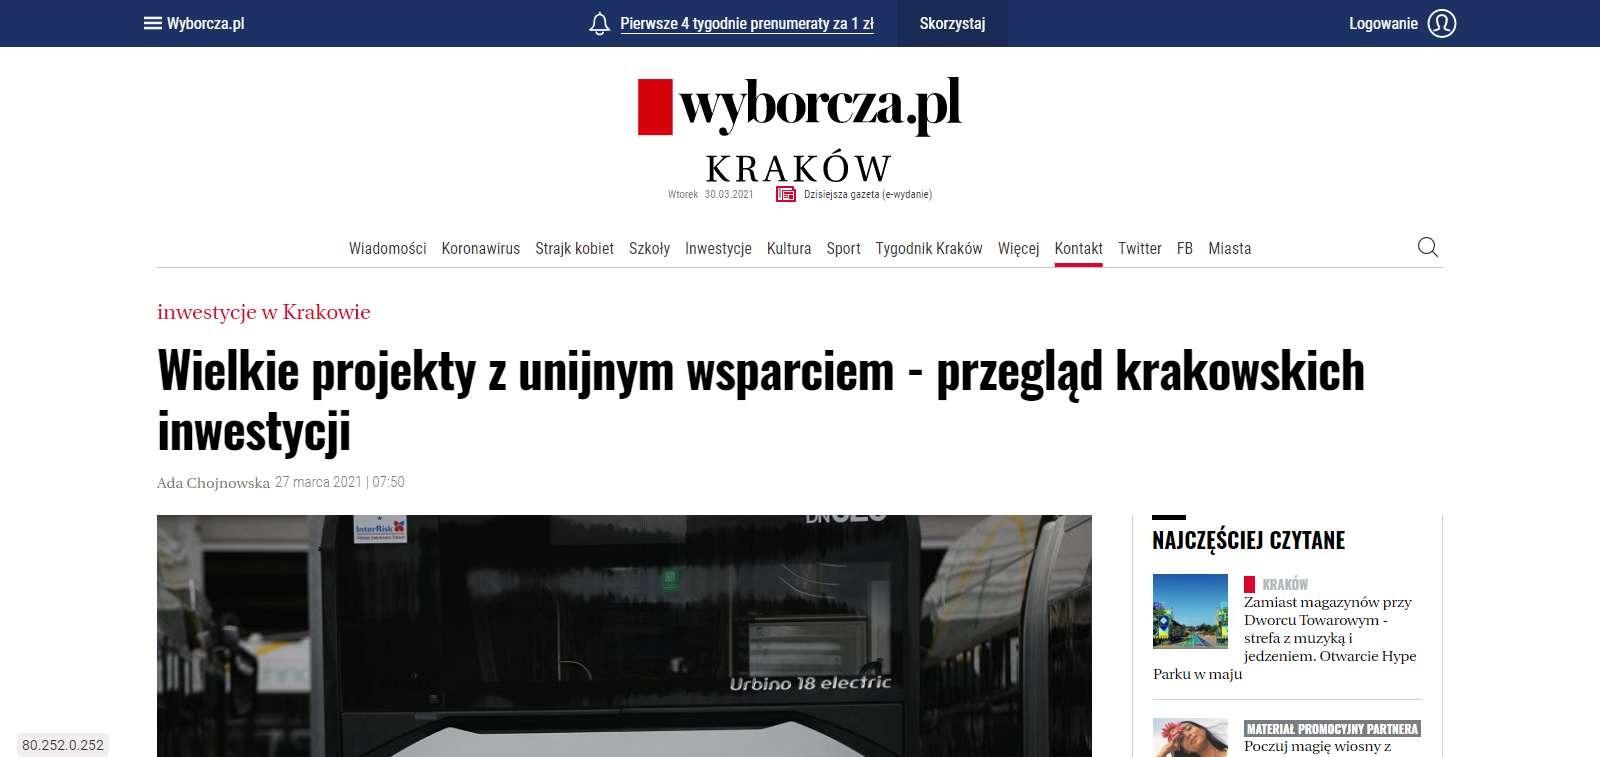 wielkie projekty z unijnym wsparciem przeglad krakowskich inwestycji